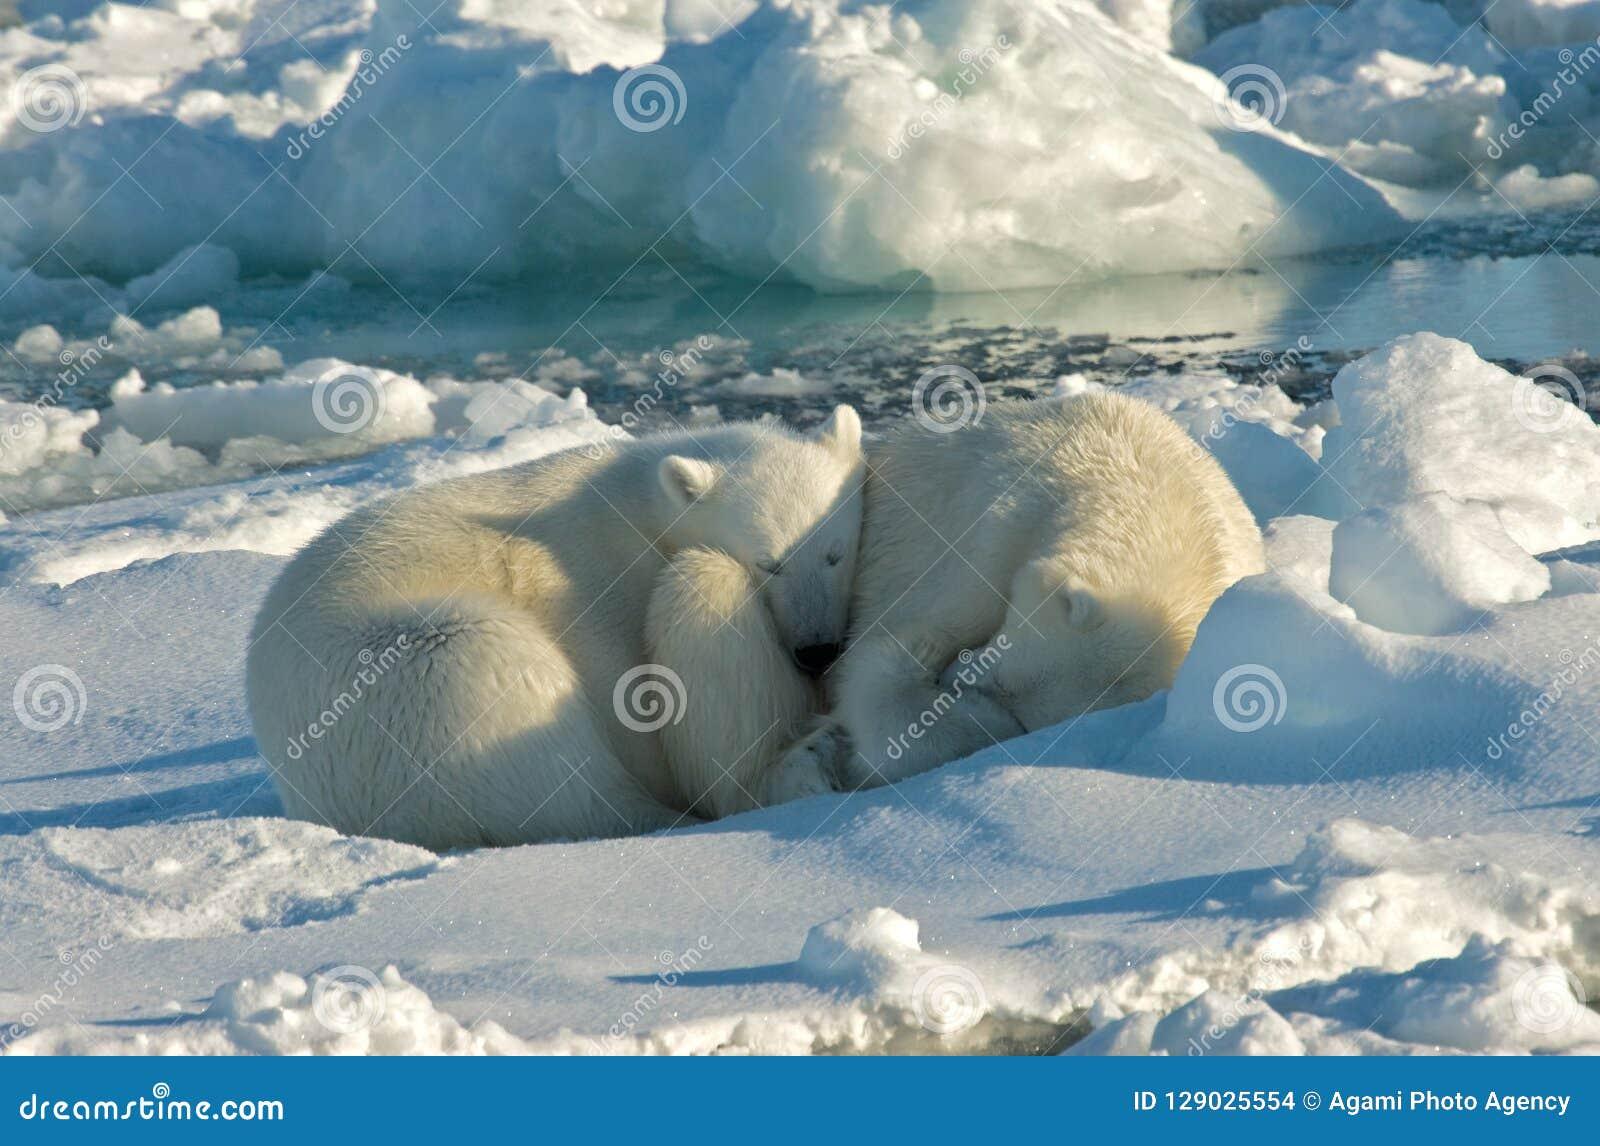 Polar Bear, IJsbeer, Ursus maritimus